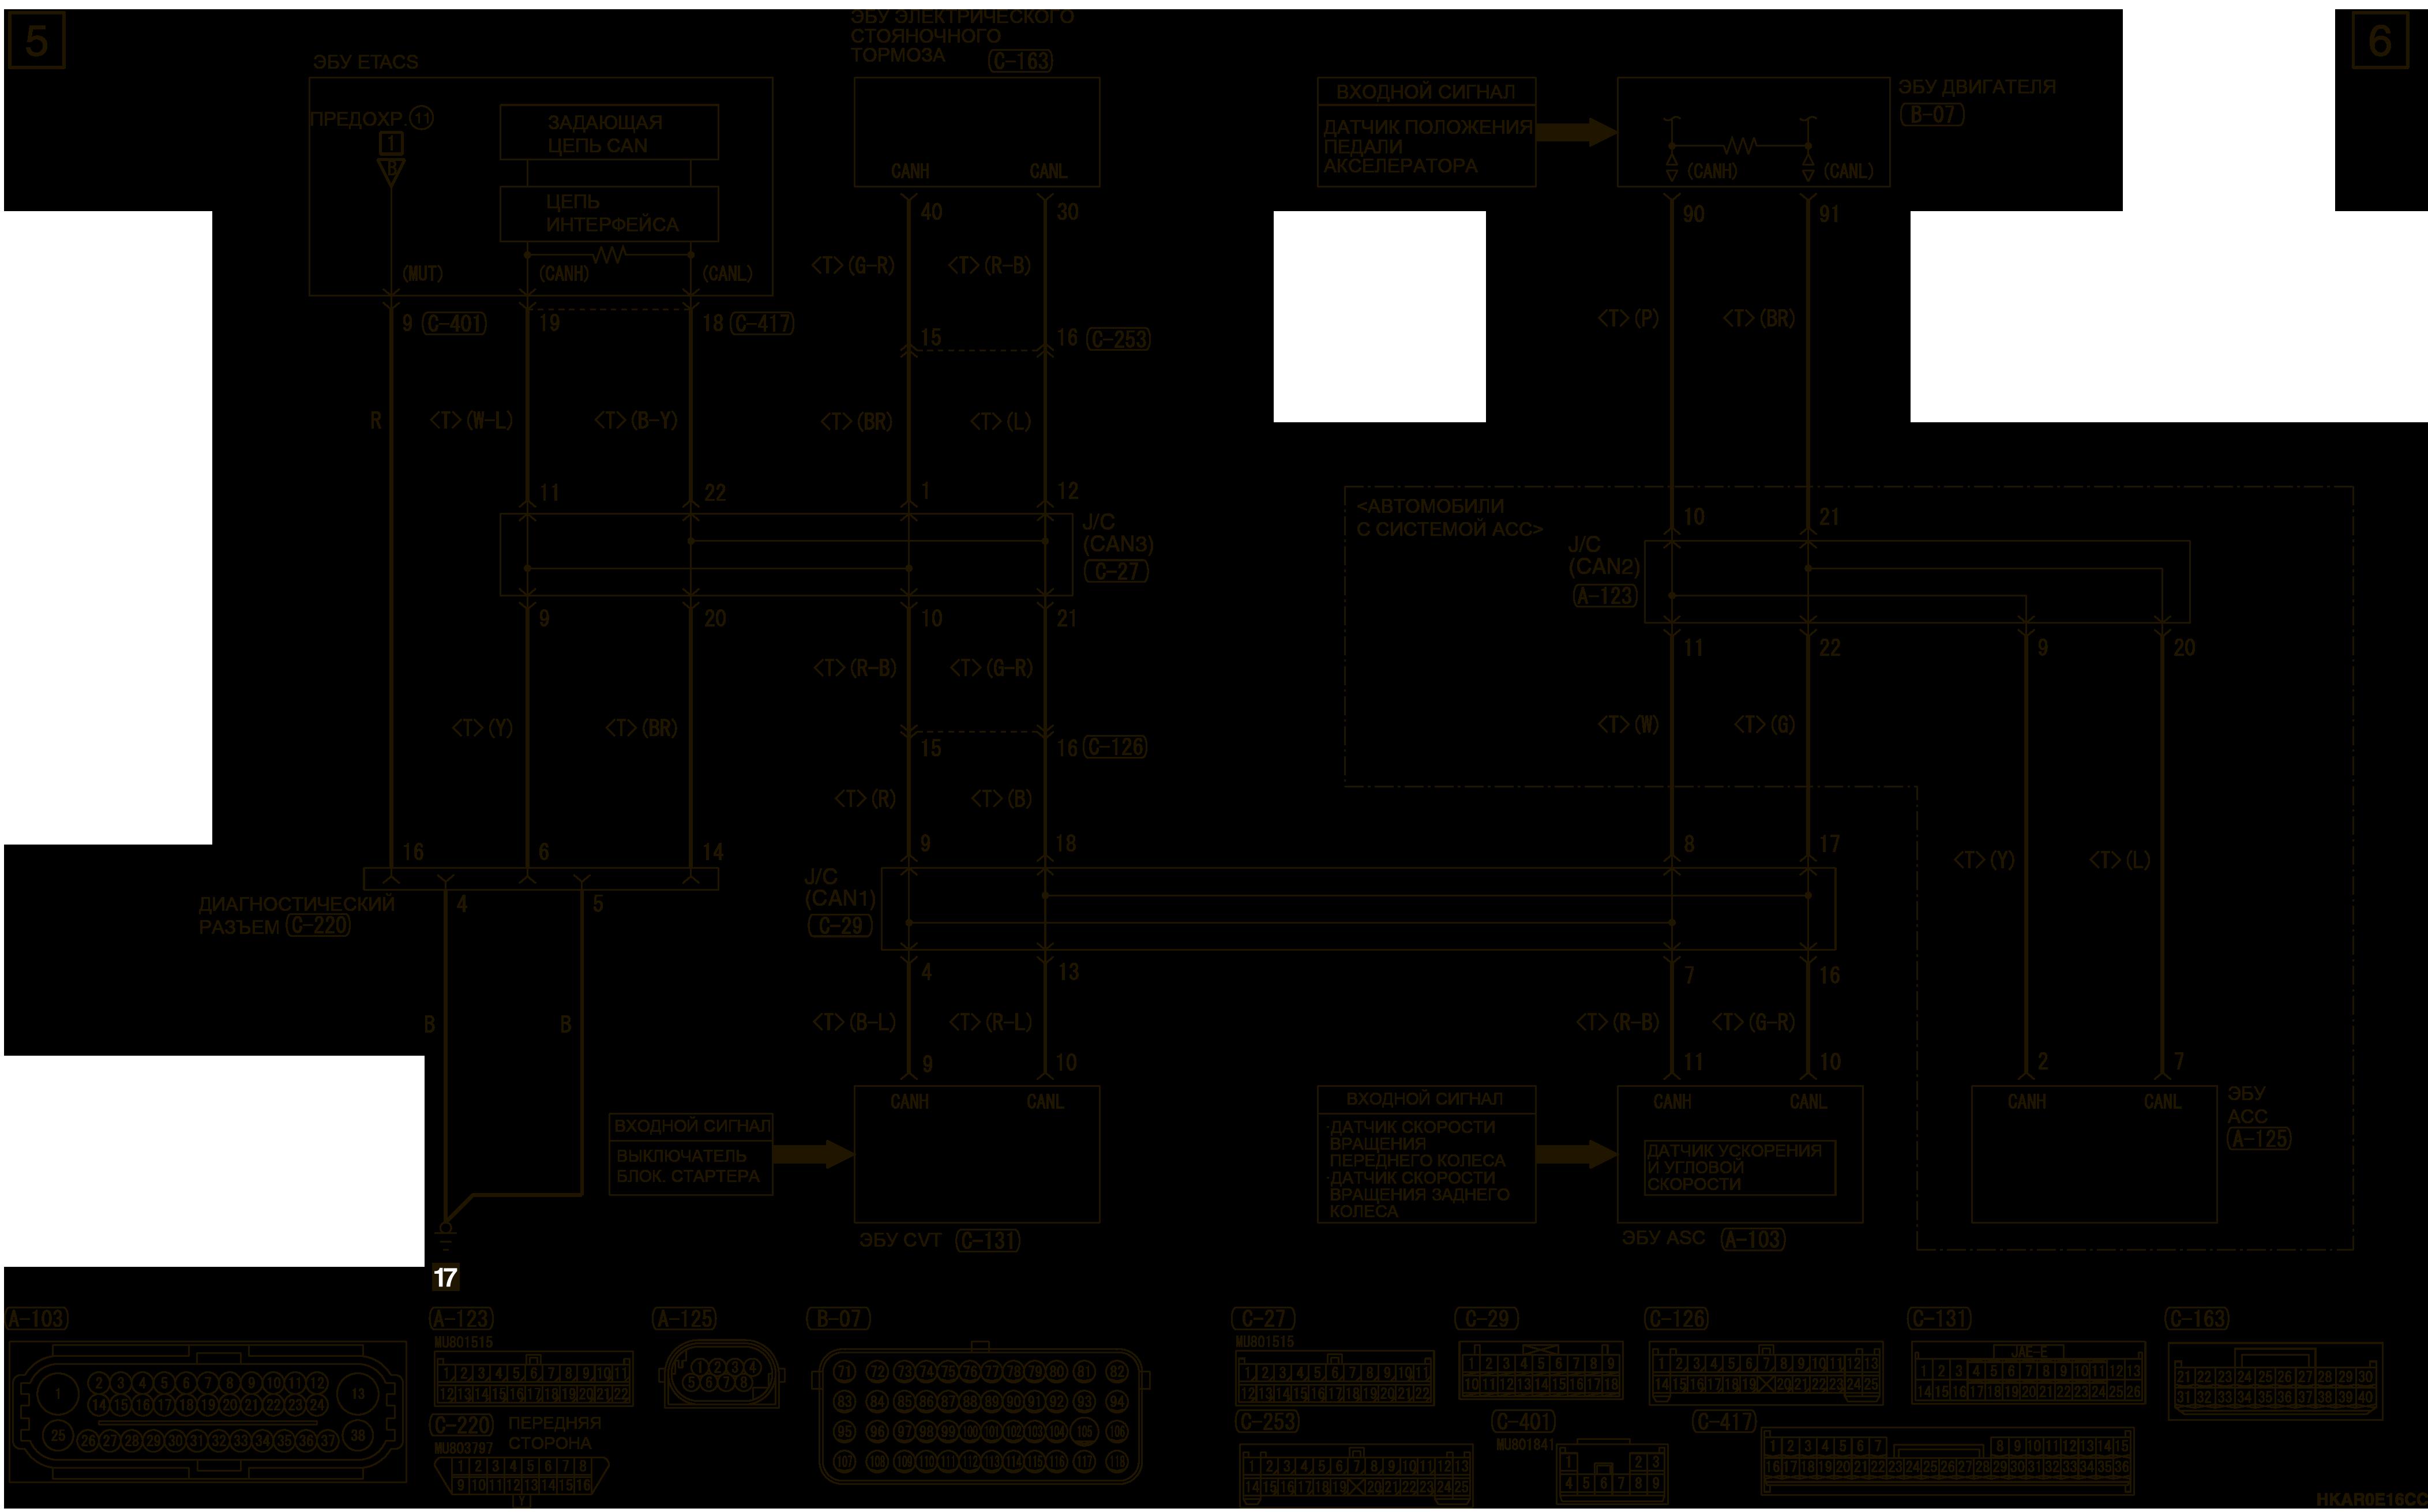 mmc аутлендер 3 2019 электросхемаЭЛЕКТРИЧЕСКИЙ СТОЯНОЧНЫЙ ТОРМОЗ ЛЕВОСТОРОННЕЕ УПРАВЛЕНИЕ